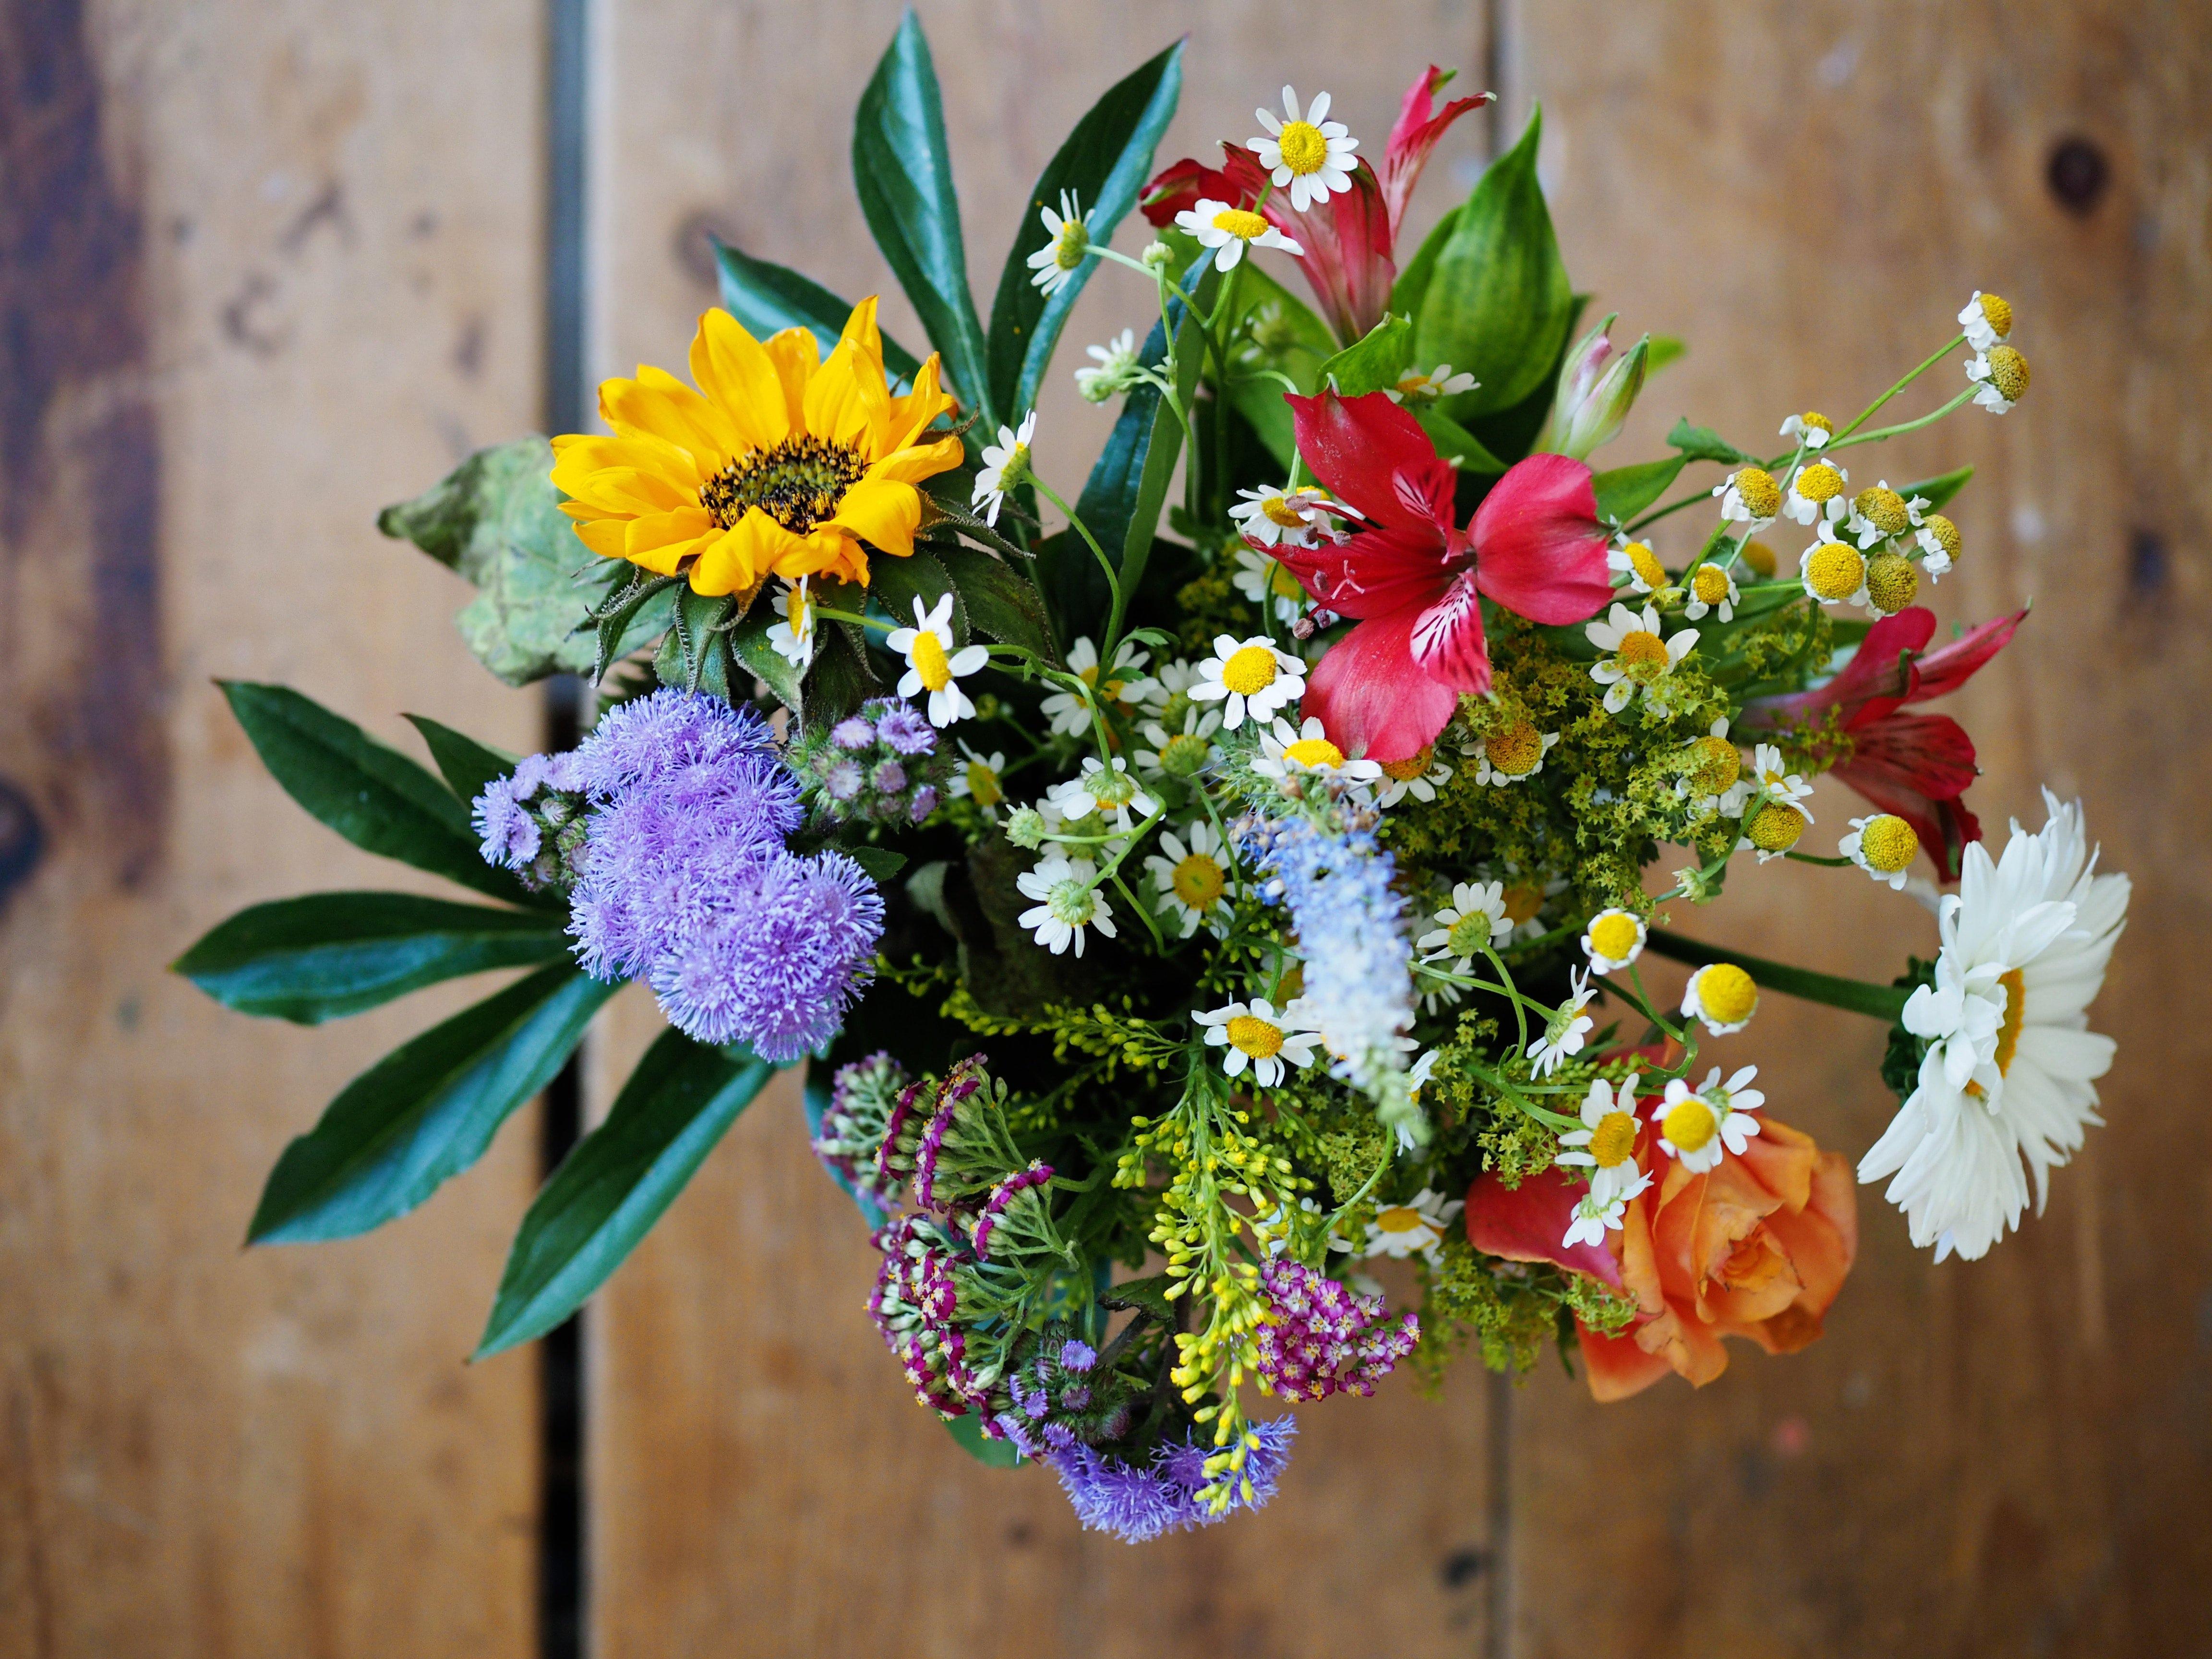 Schnittblumen Für Die Vase Sollten Eine Woche Halten Yvonne Willicks